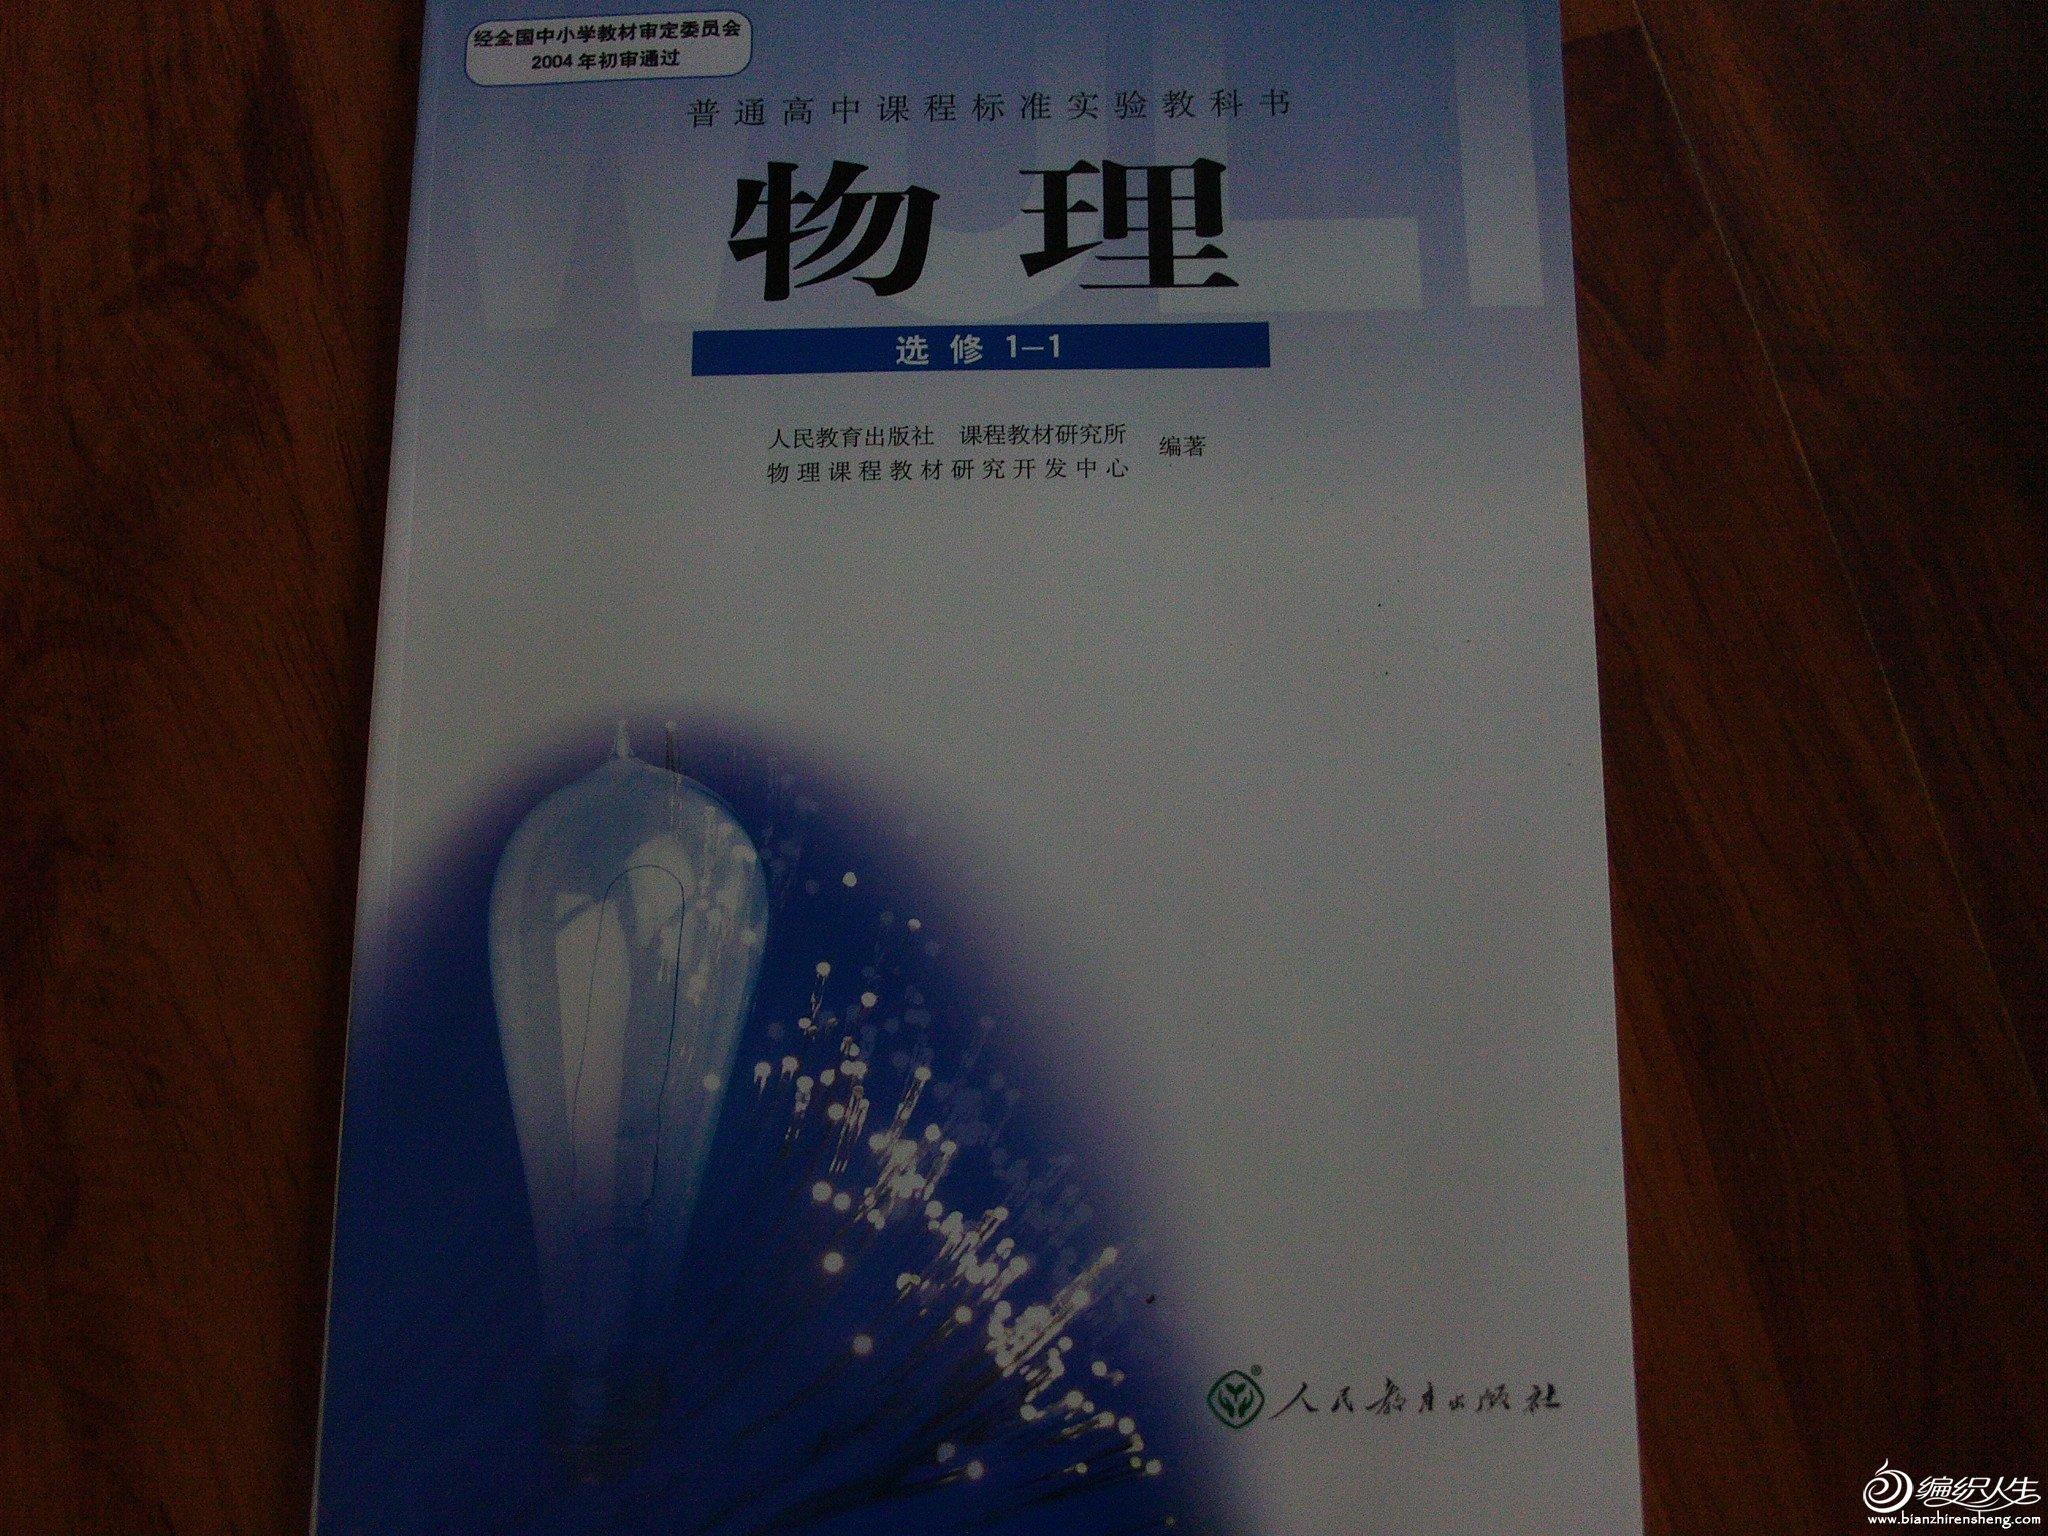 FILE0558.JPG